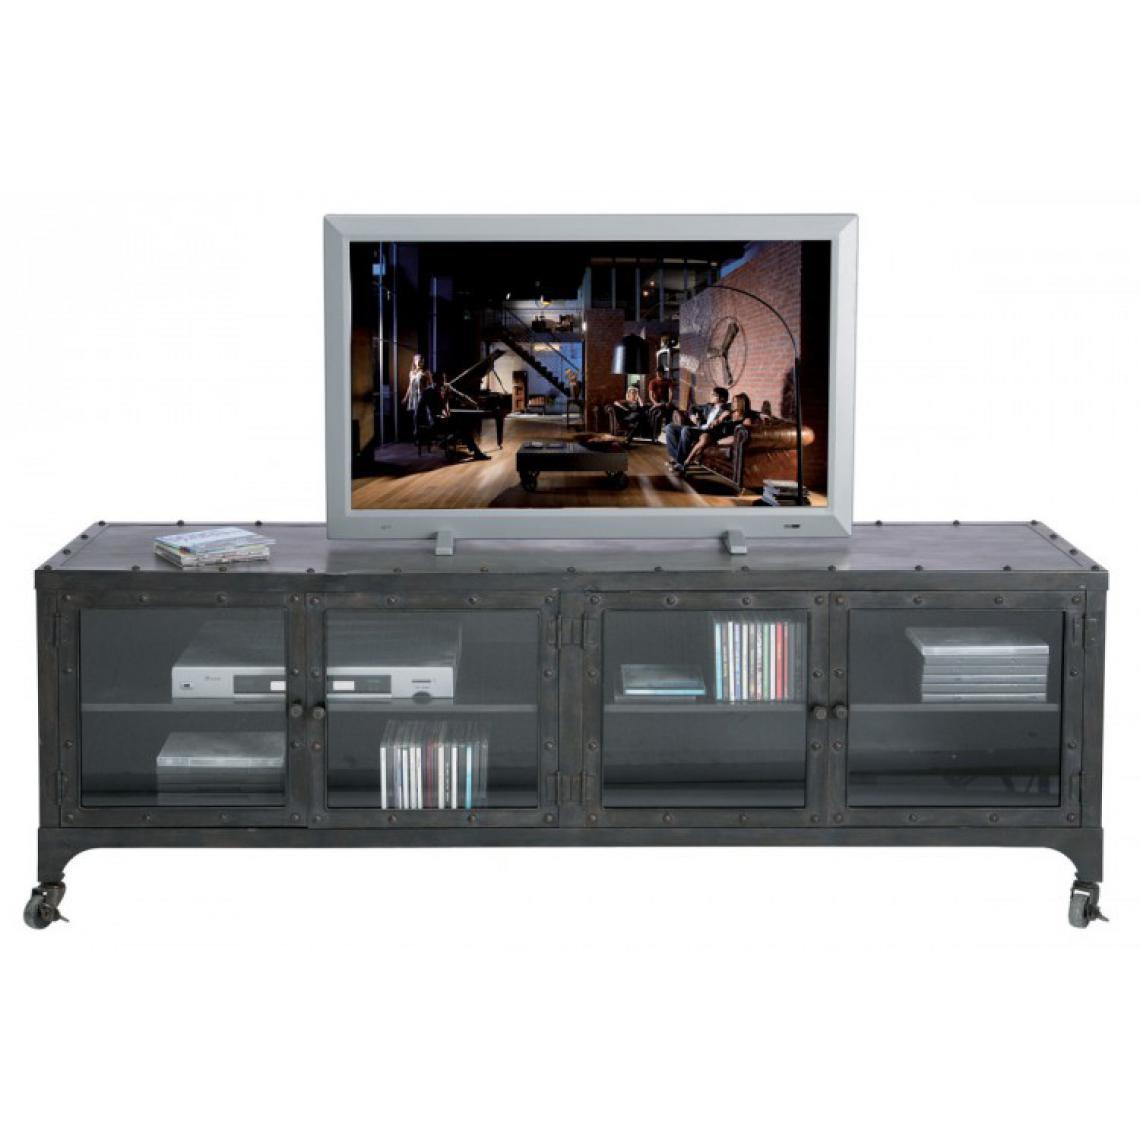 KARE DESIGN Meuble Tv Factory en métal gris anthracite style Industriel